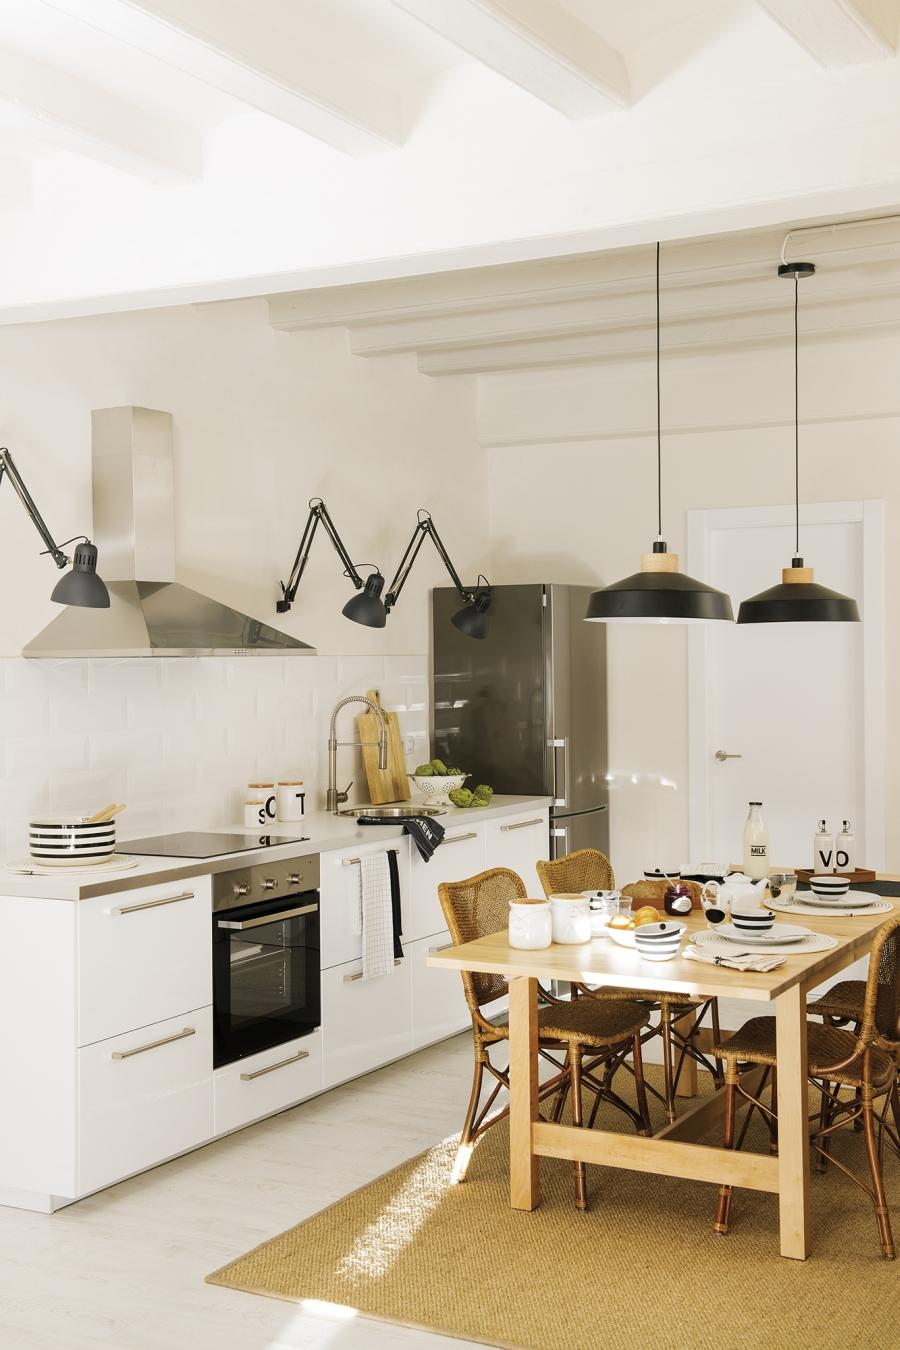 Czerń i biel w przytulnej aranżacji - wystrój wnętrz, wnętrza, urządzanie mieszkania, dom, home decor, dekoracje, aranżacje, minty inspirations, styl skandynawski, scandinavian style, biała wnętrza, małe wnętrza, małe mieszkanie, otwarta przestrzeń, czerń i biel, balck & white, naturalne drewno, naturalne materiały, mała kuchnia, drewniany stół